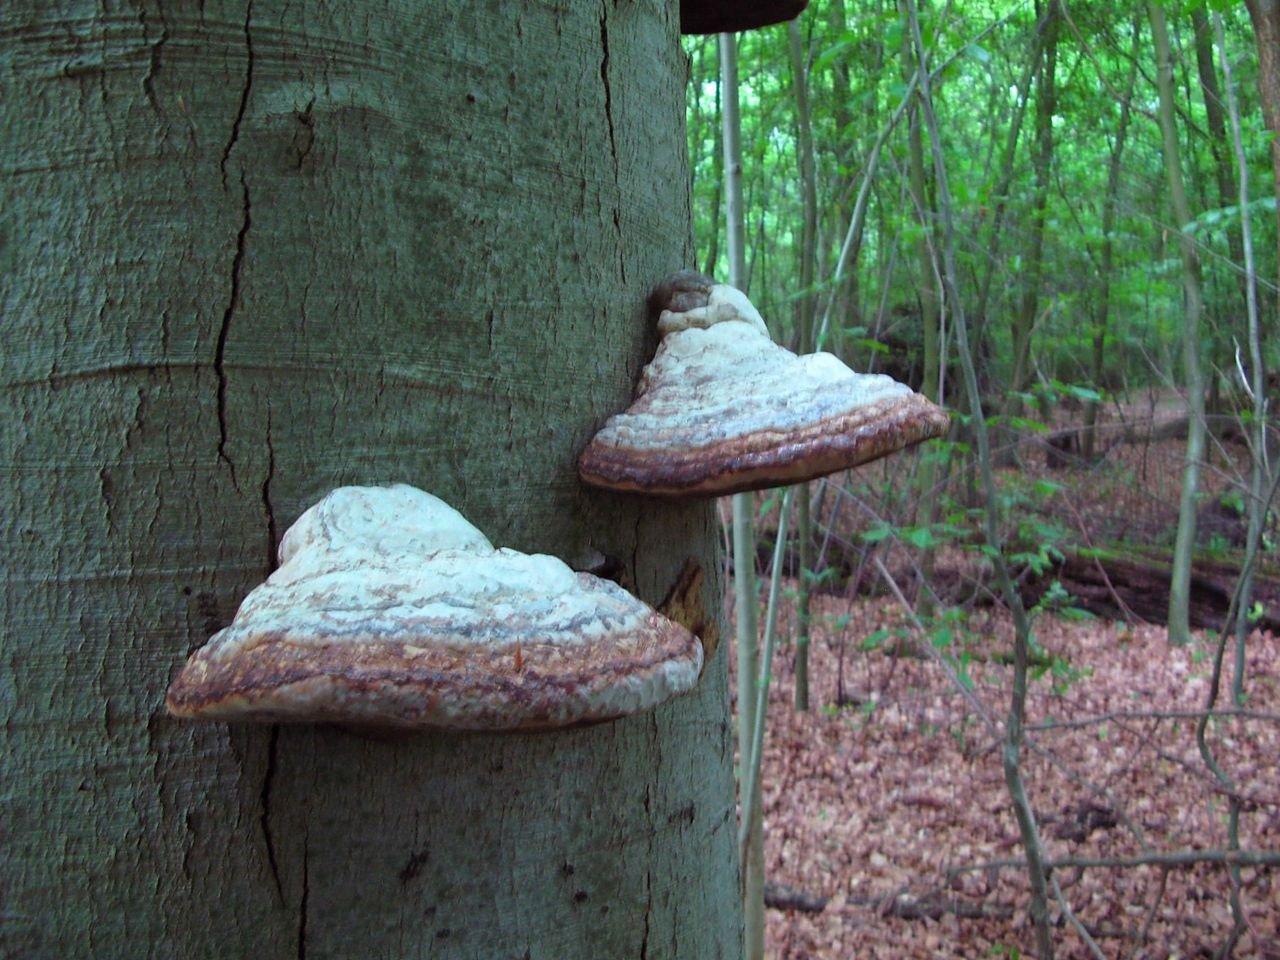 De zeldzame Verblekende wasplaat werd ook gevonden in het Robbenoordbos (foto: Martijn Oud)